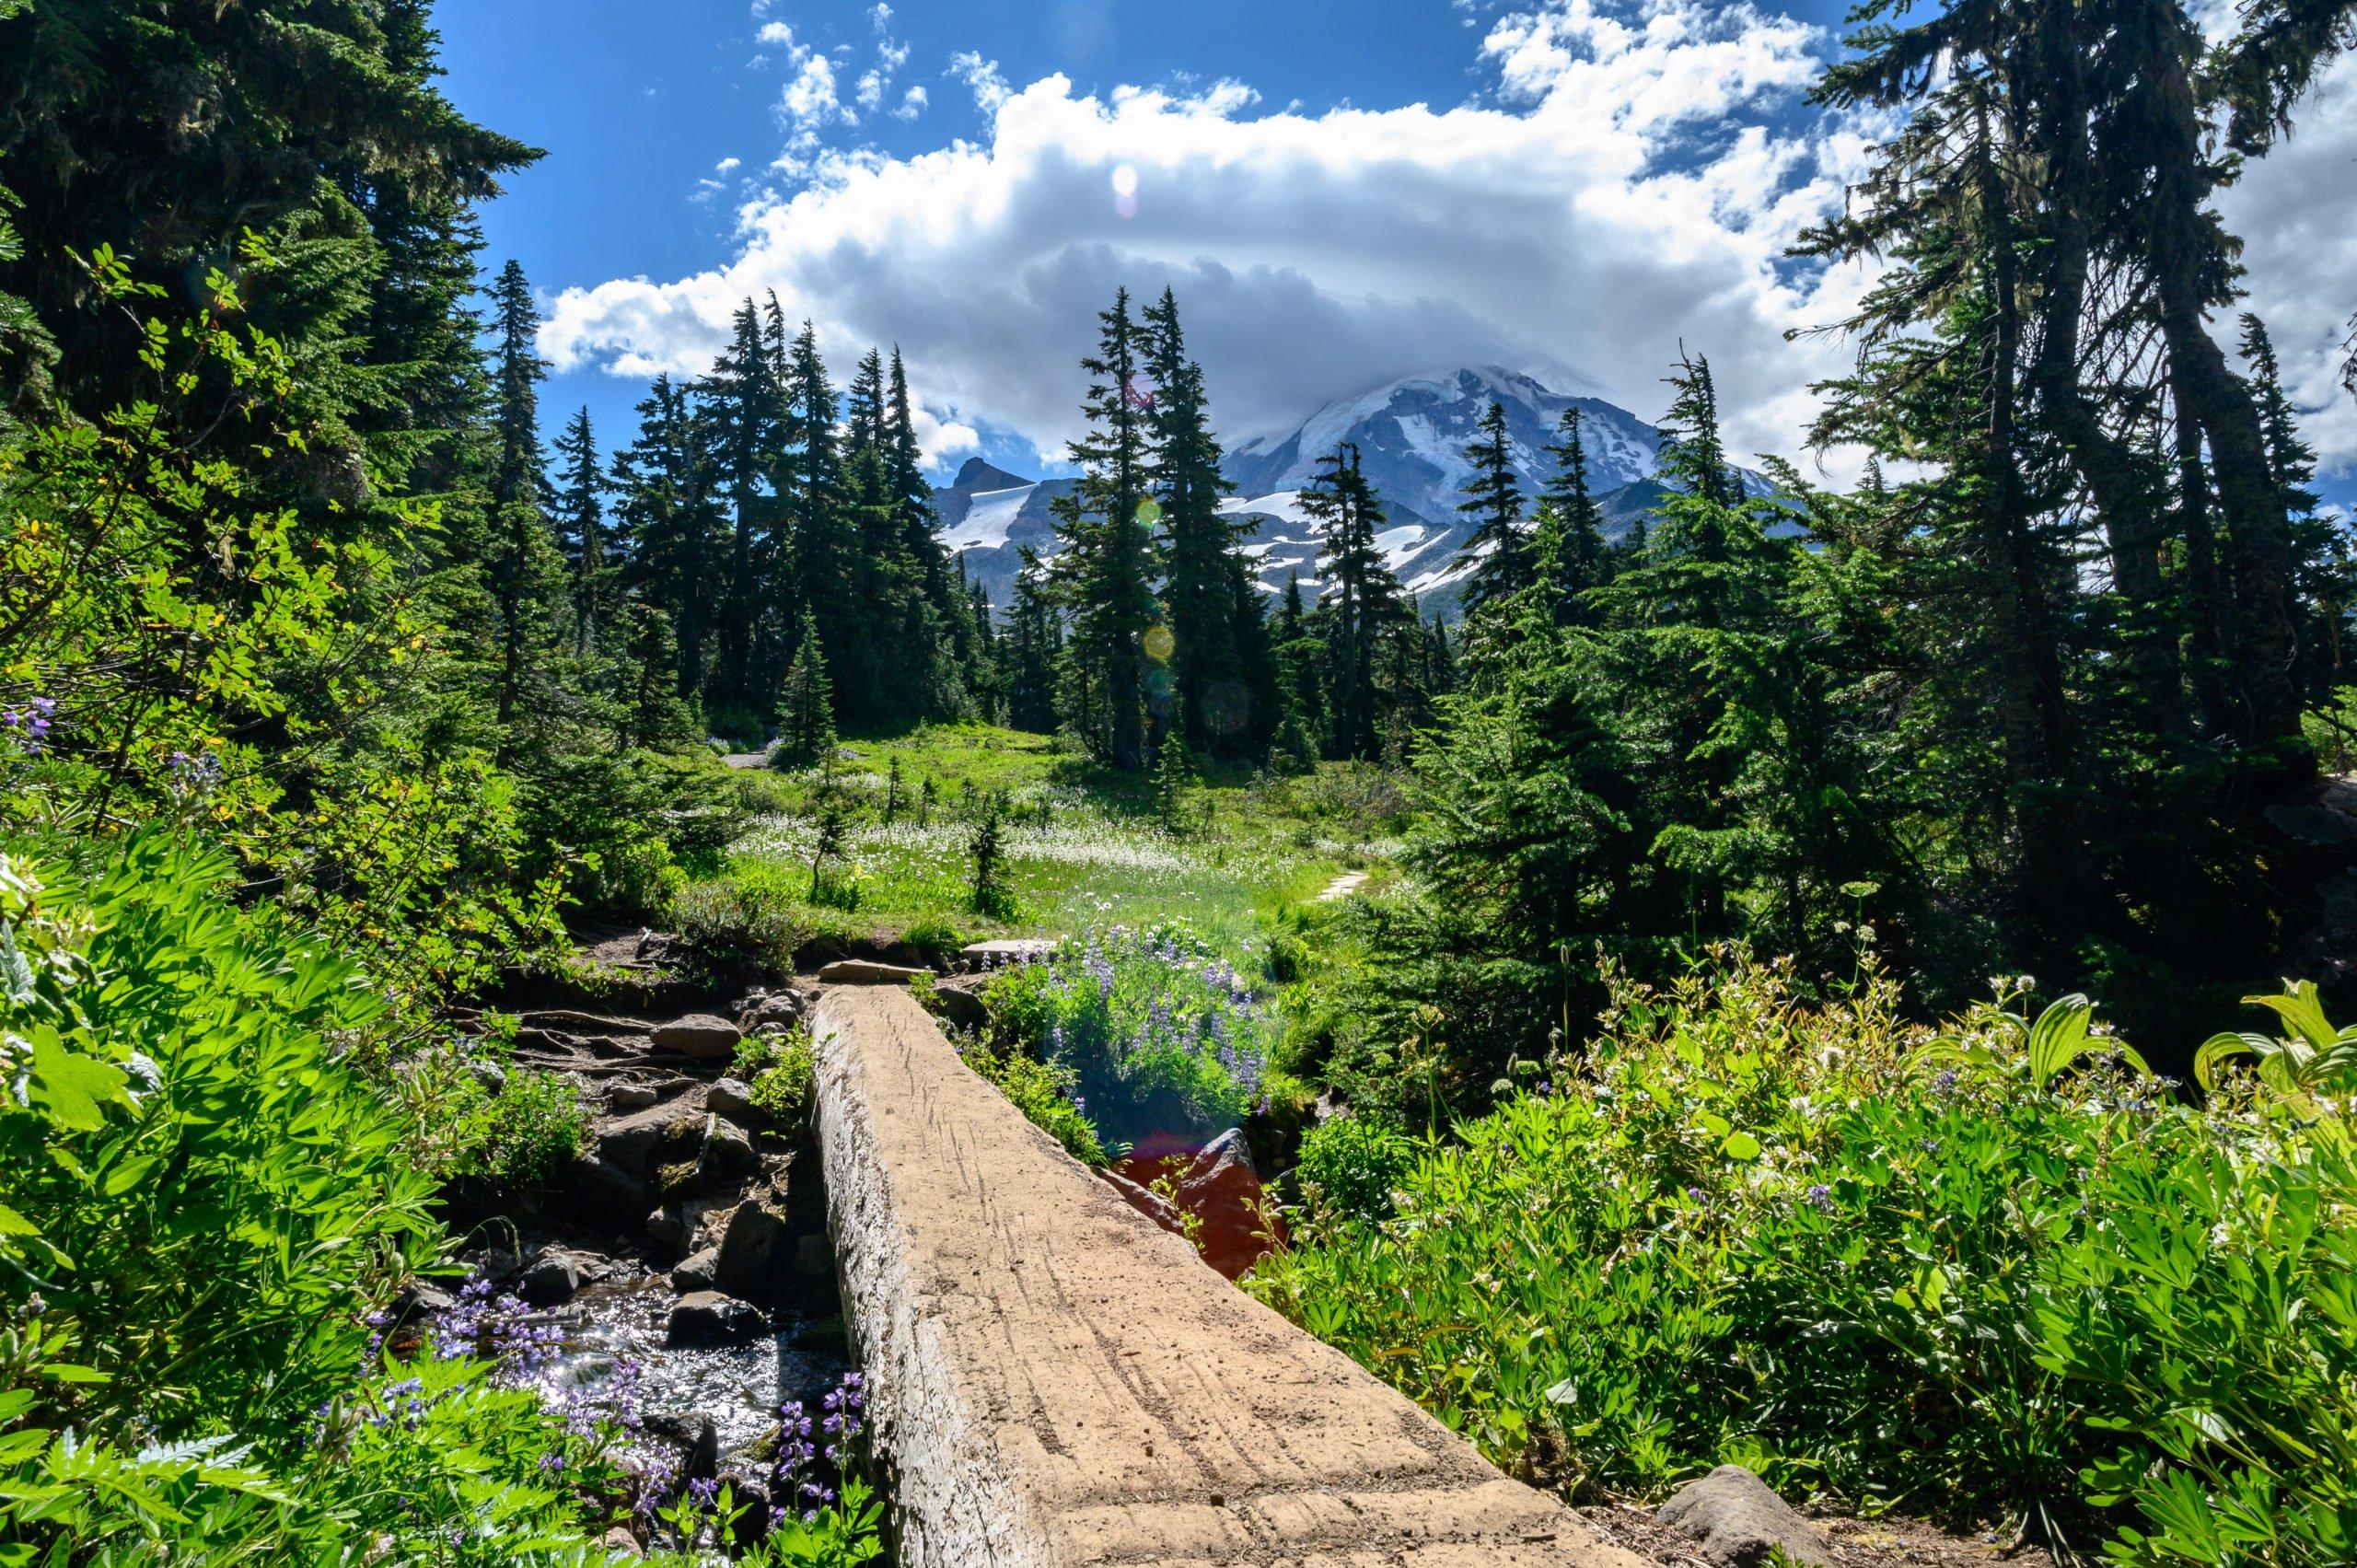 The entrance to Spray Park at Mt Rainier.